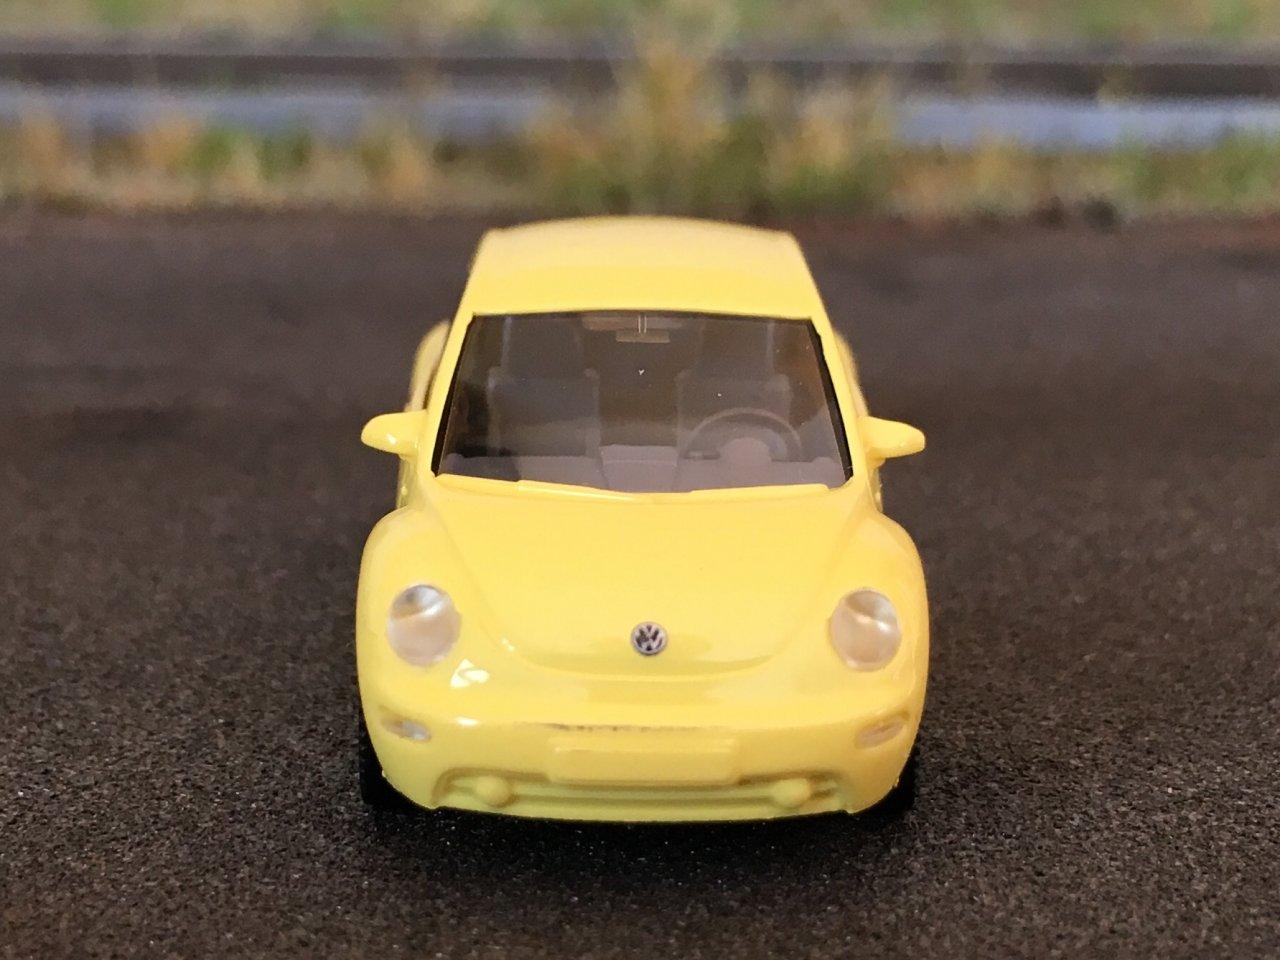 VW Beetle 004.jpg